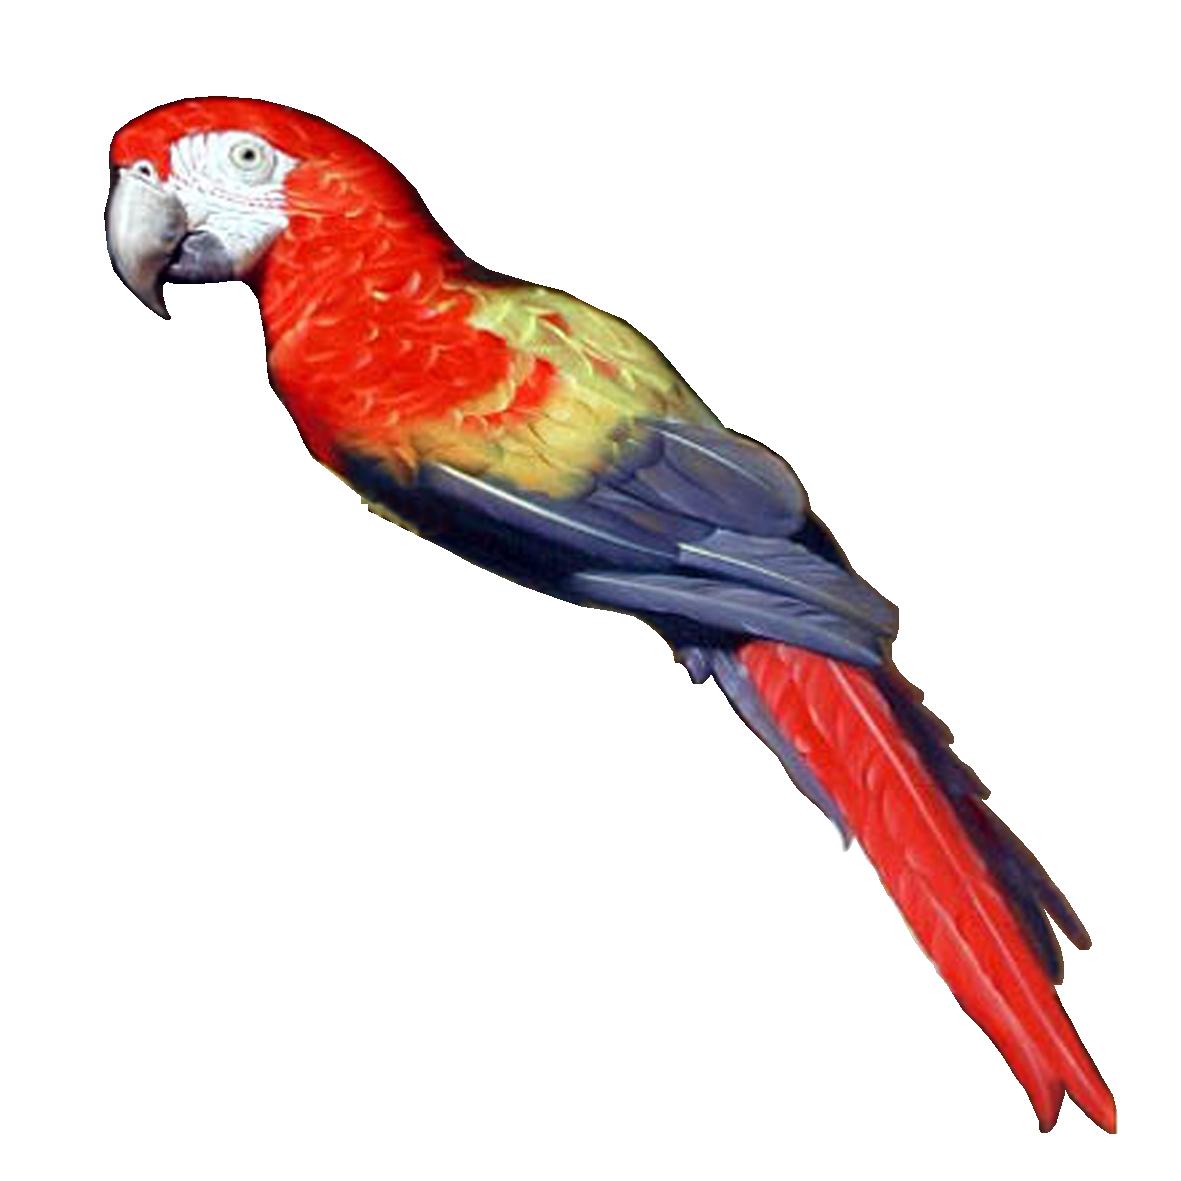 Клипарт попугай, бесплатные фото, обои ...: pictures11.ru/klipart-popugaj.html